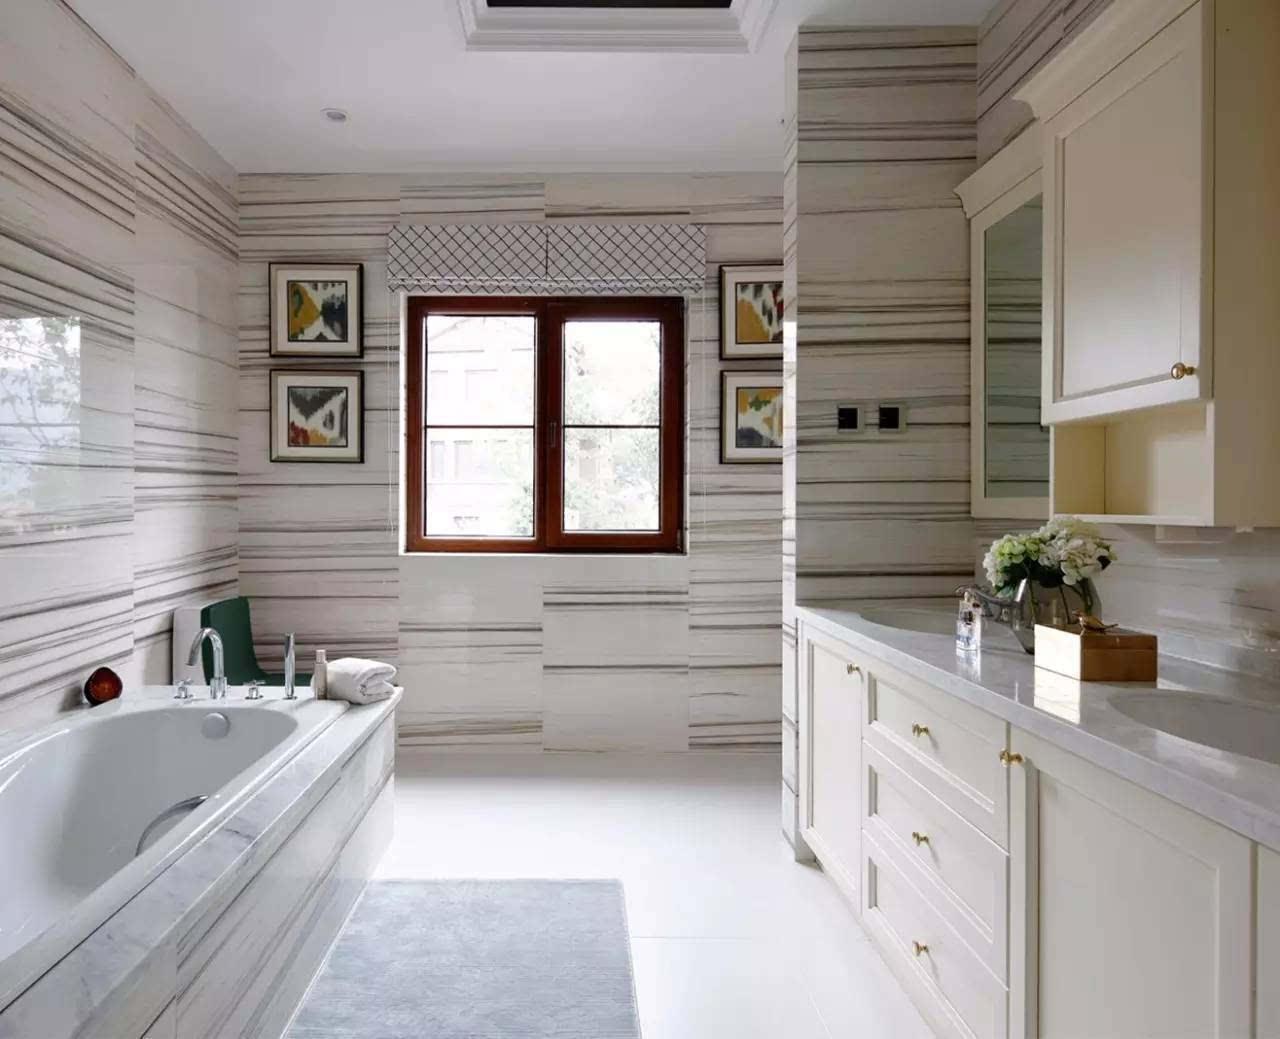 其它 正文           卫生间设计 卫生间墙面上选择了略带咖色纹理的